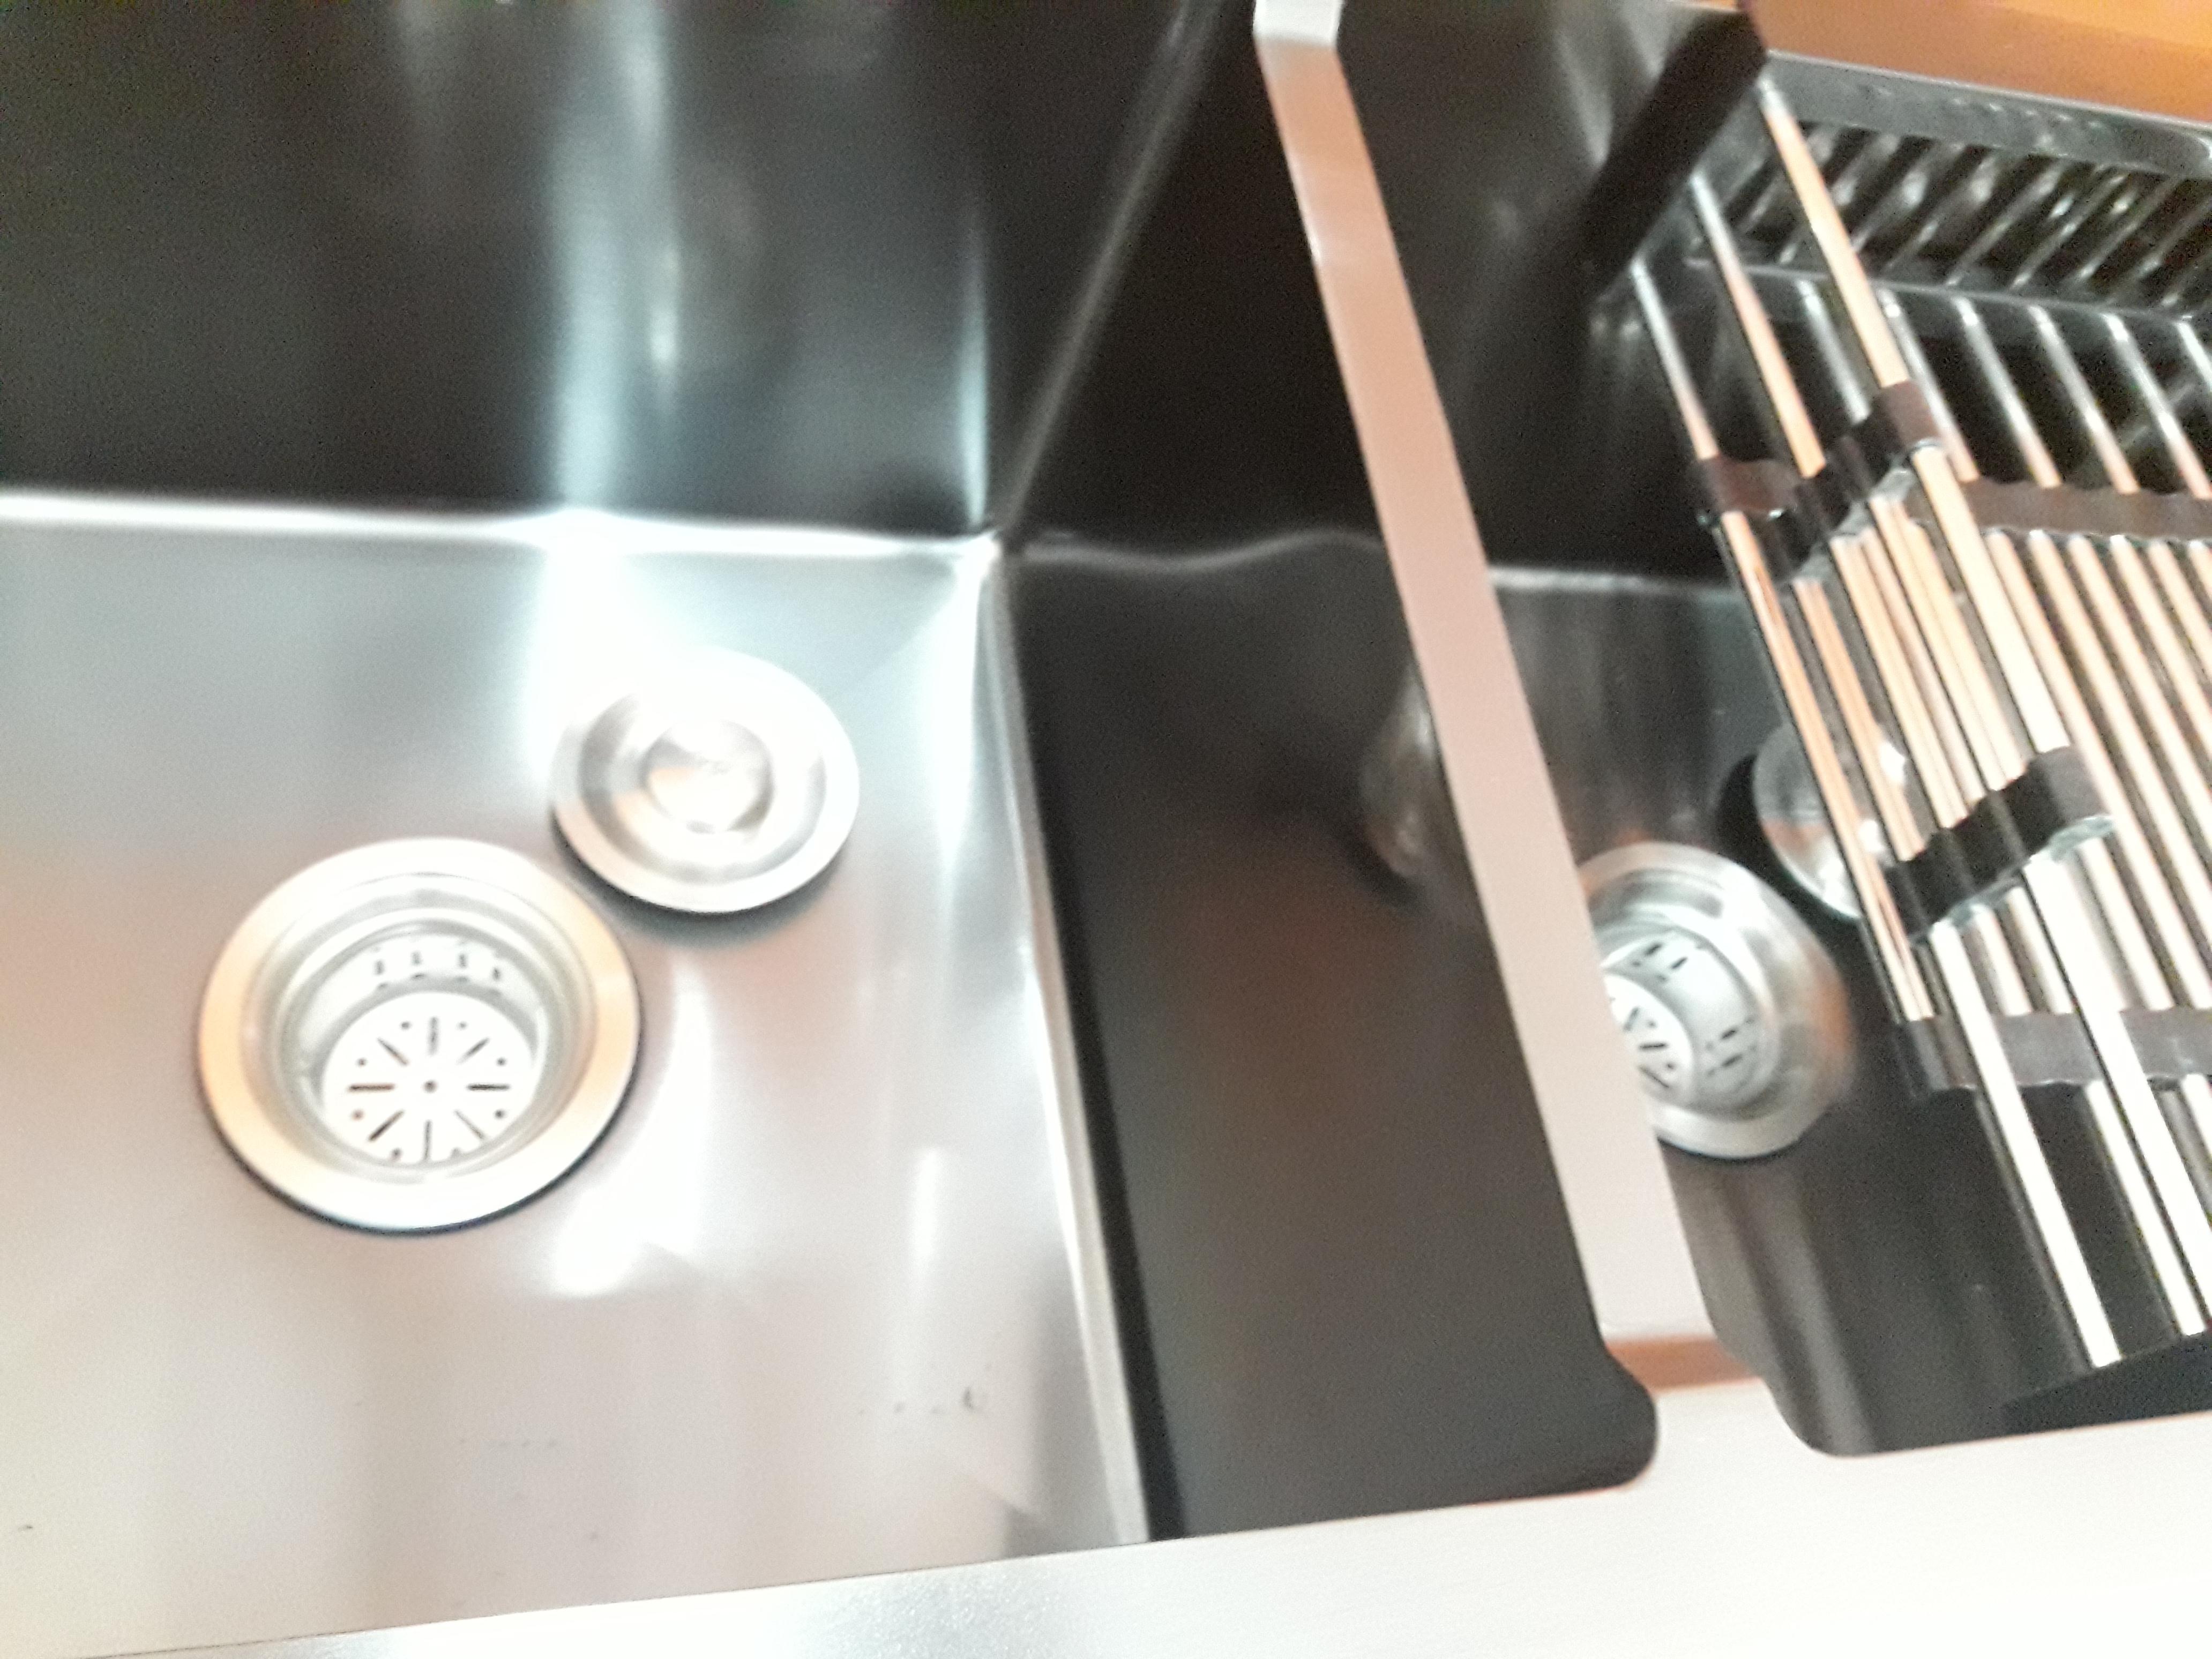 Chậu rửa chén bát nano kháng khuẩn, inox 304, màu ngọc trai đen kèm vòi mềm